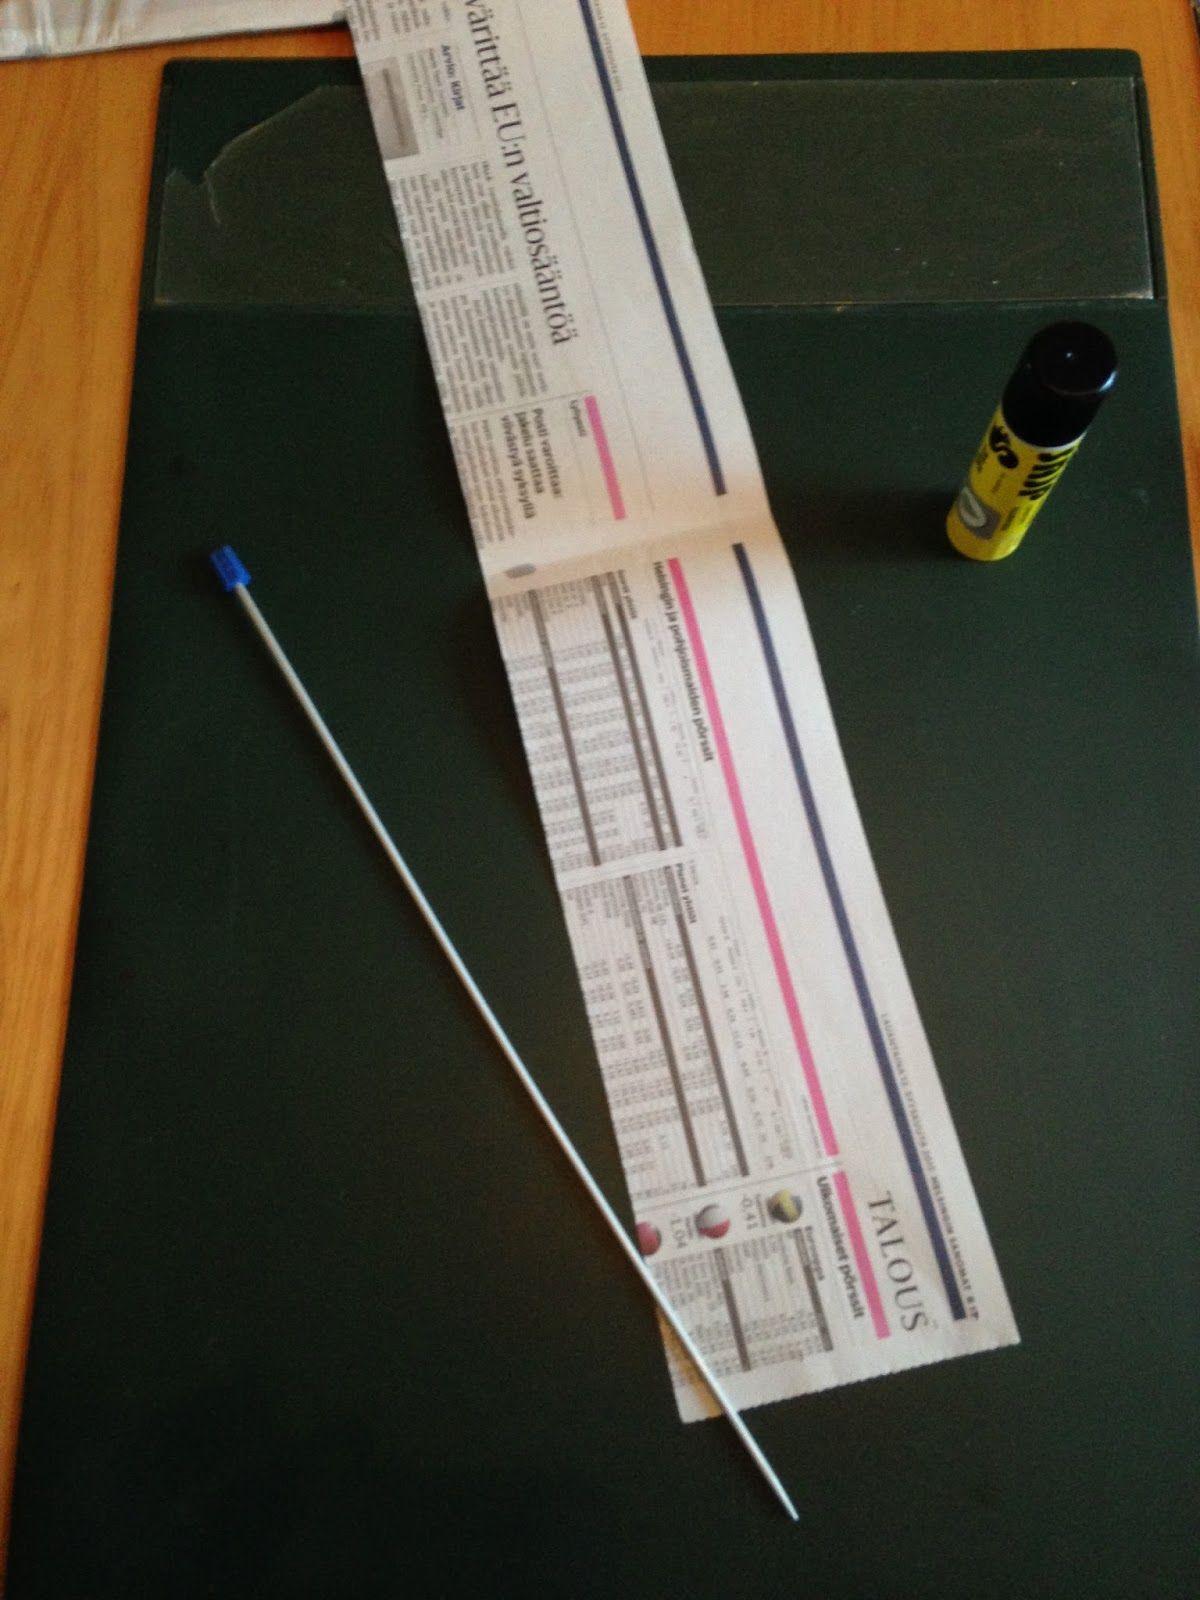 Olarin Martat ry: Kori sanomalehtipaperista - valmistelut